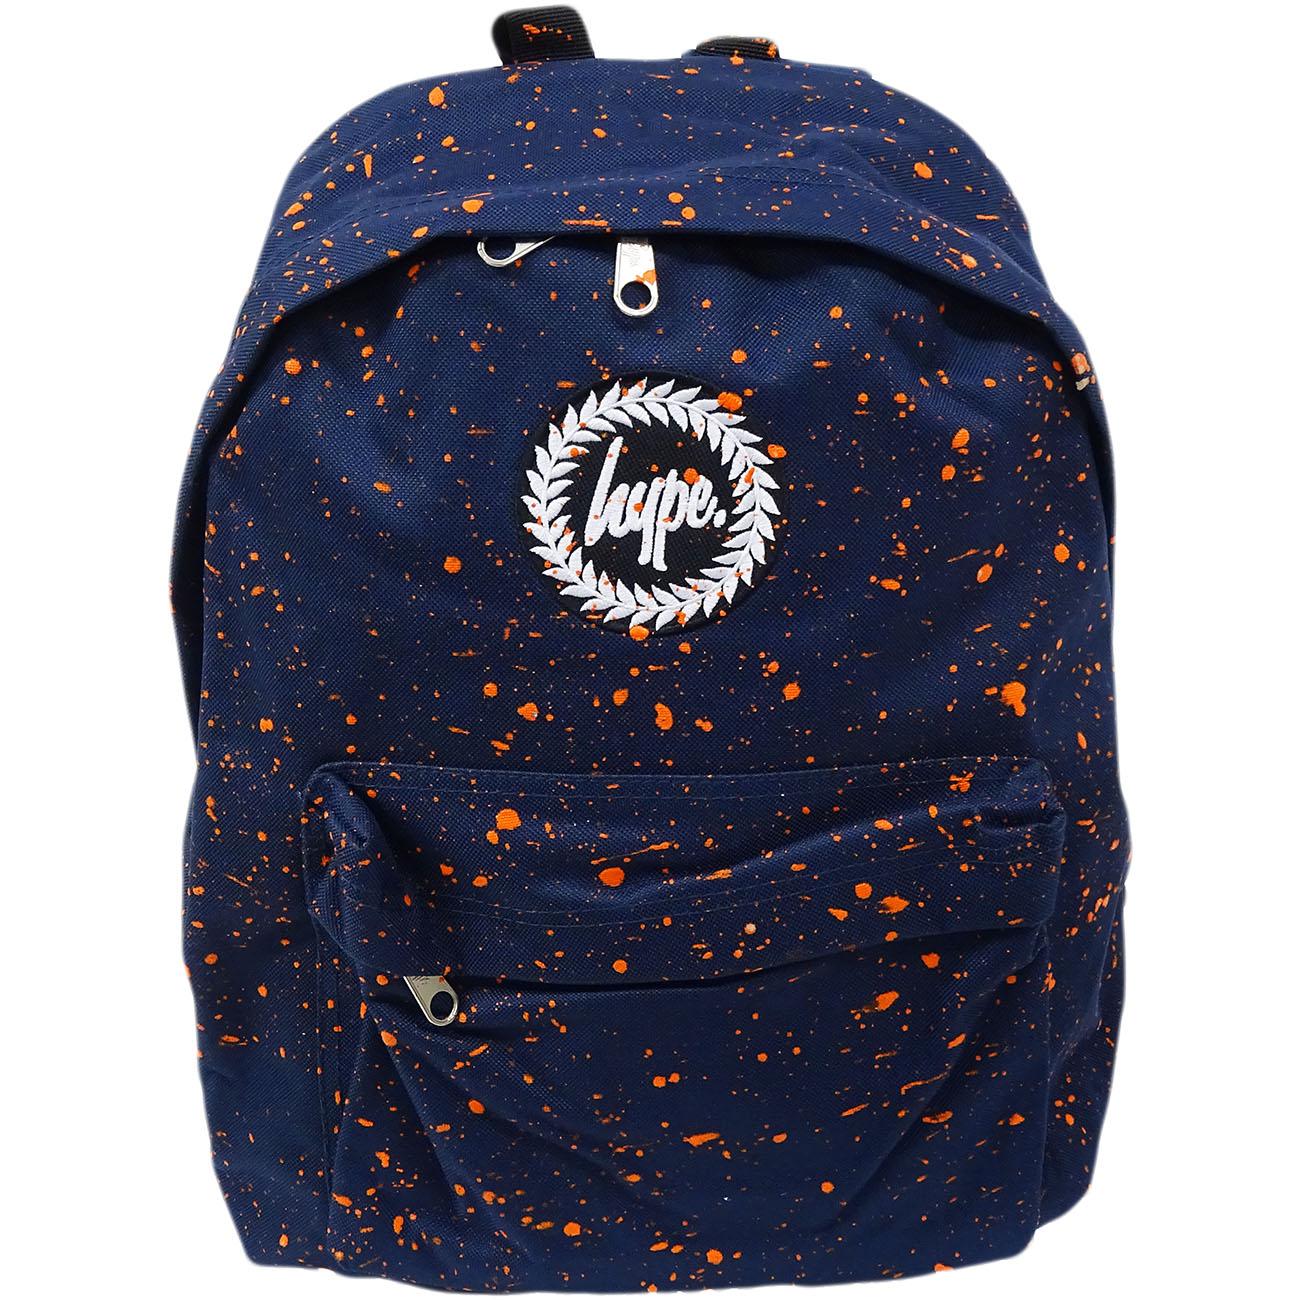 Hype Backpack Bag Navy and Orange Speckled